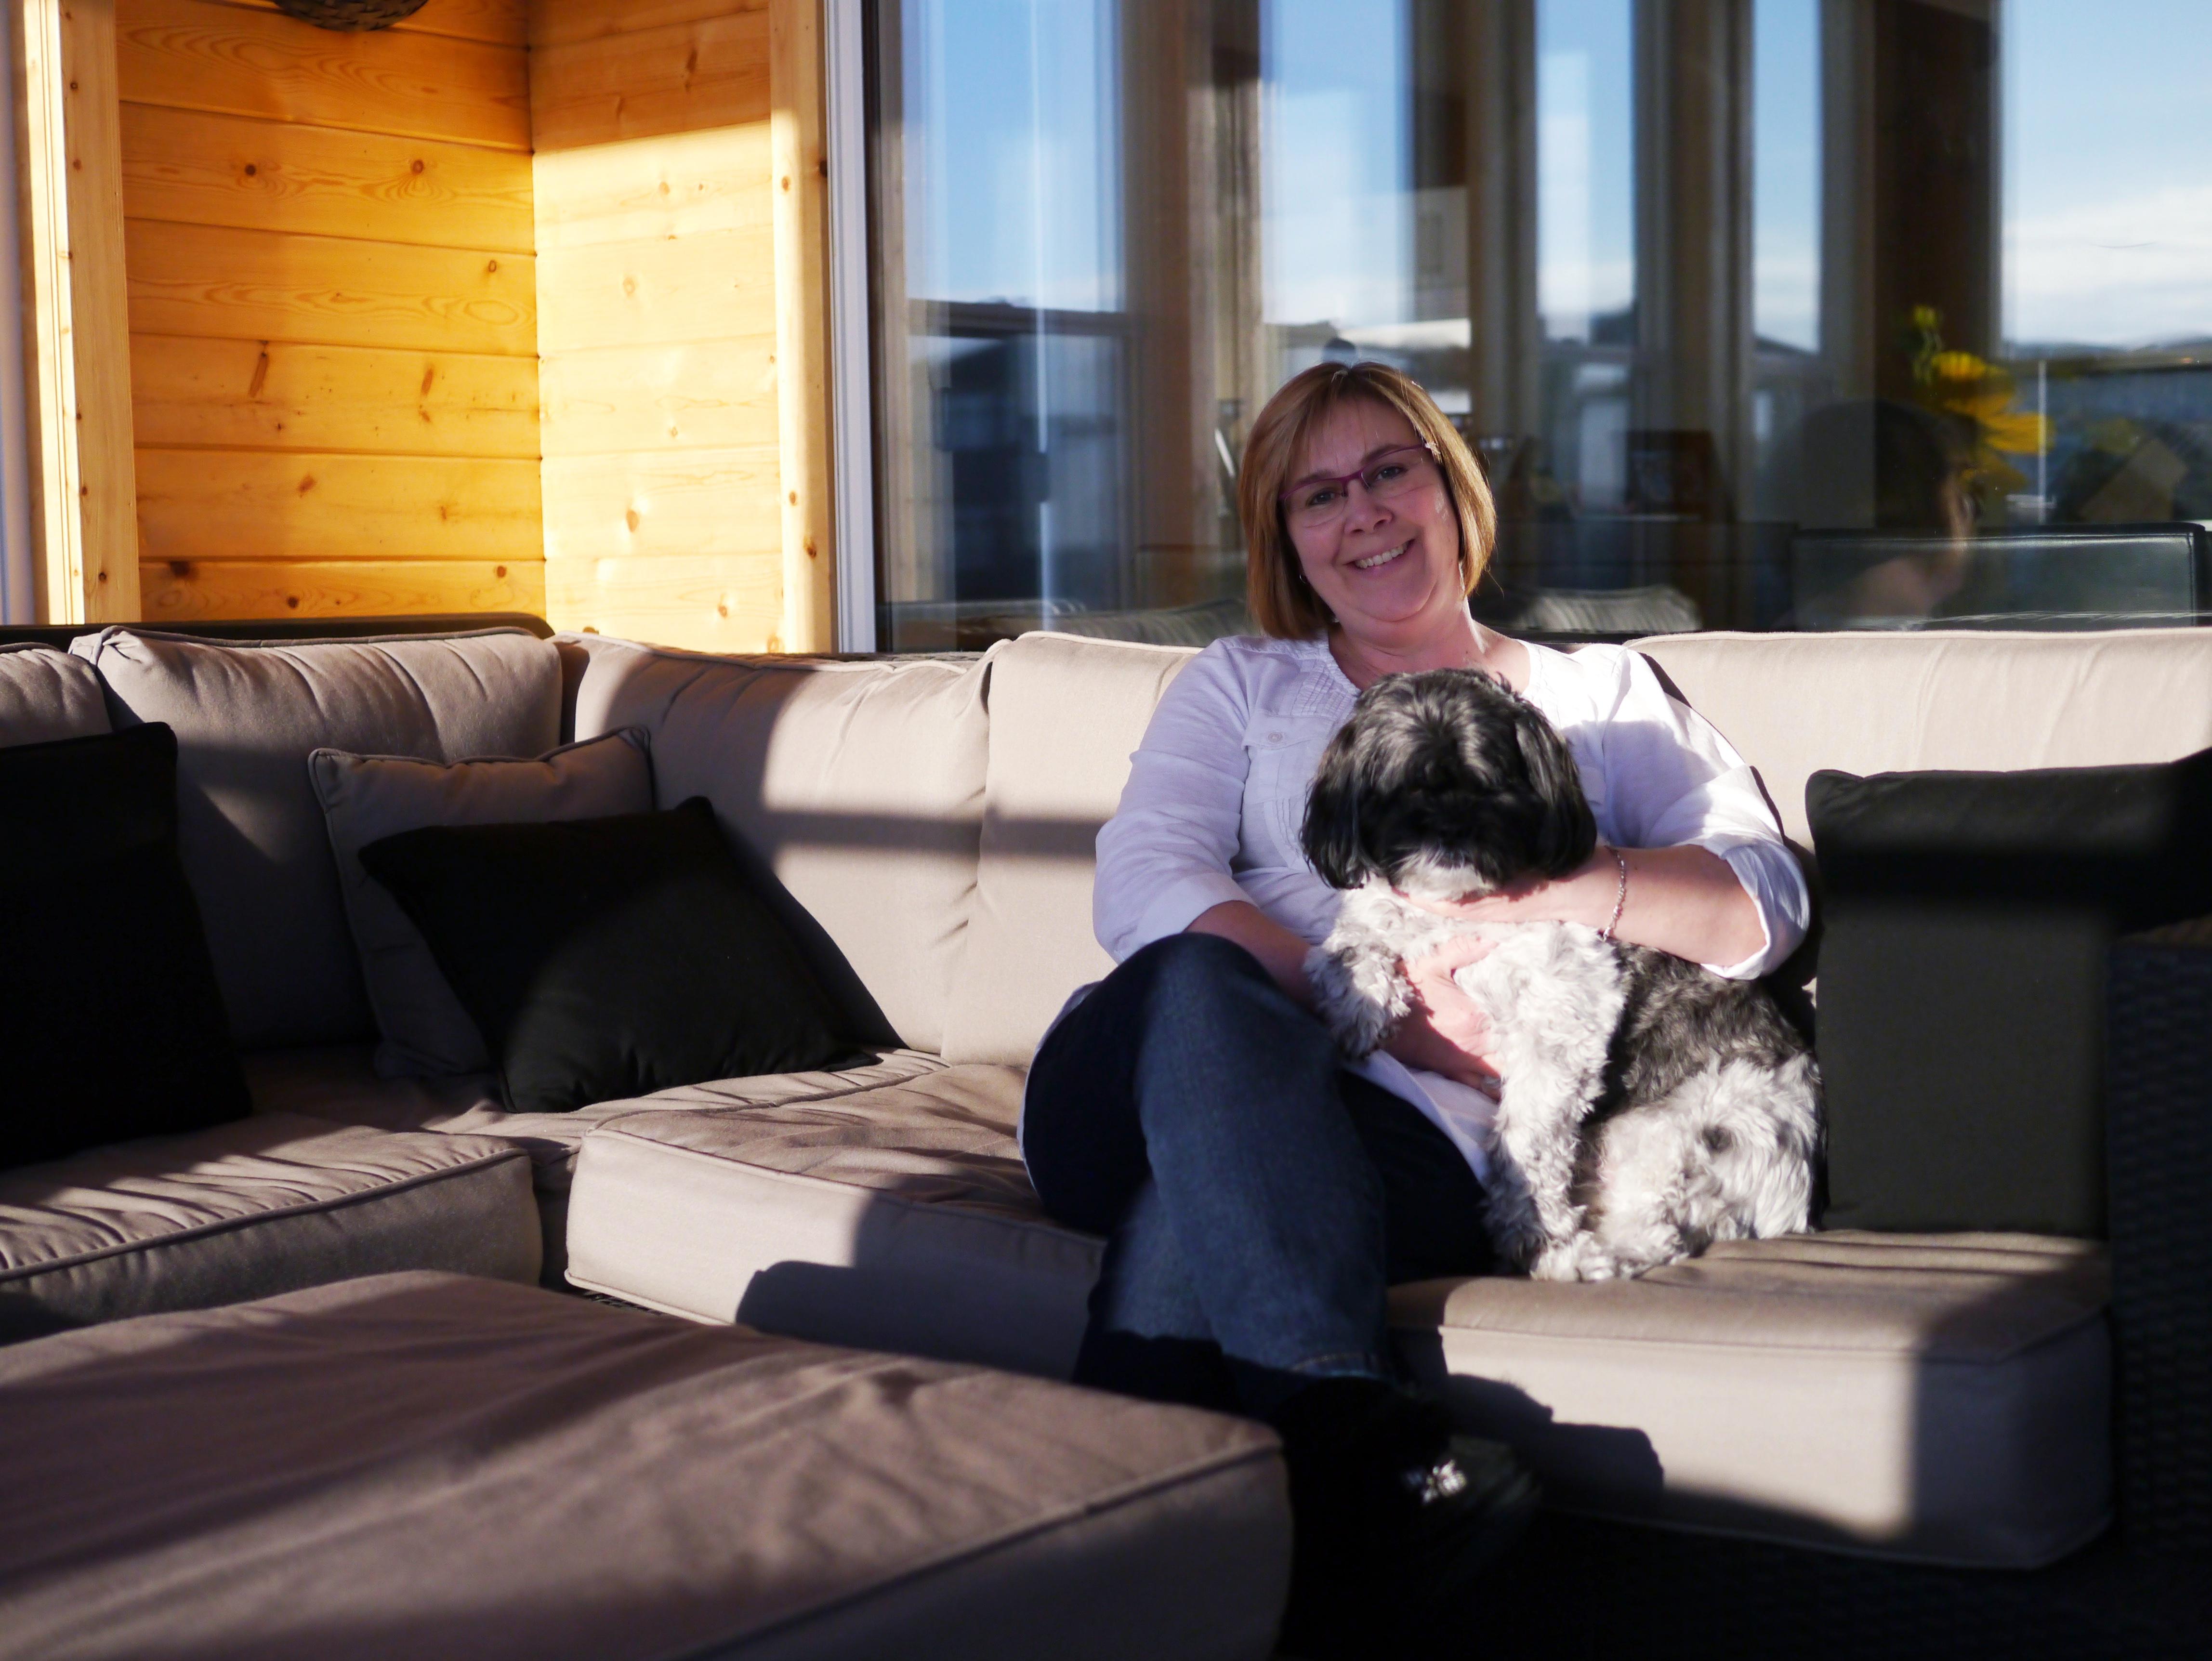 Winnipeg MS Walk Ambassador Barb Van Walleghem